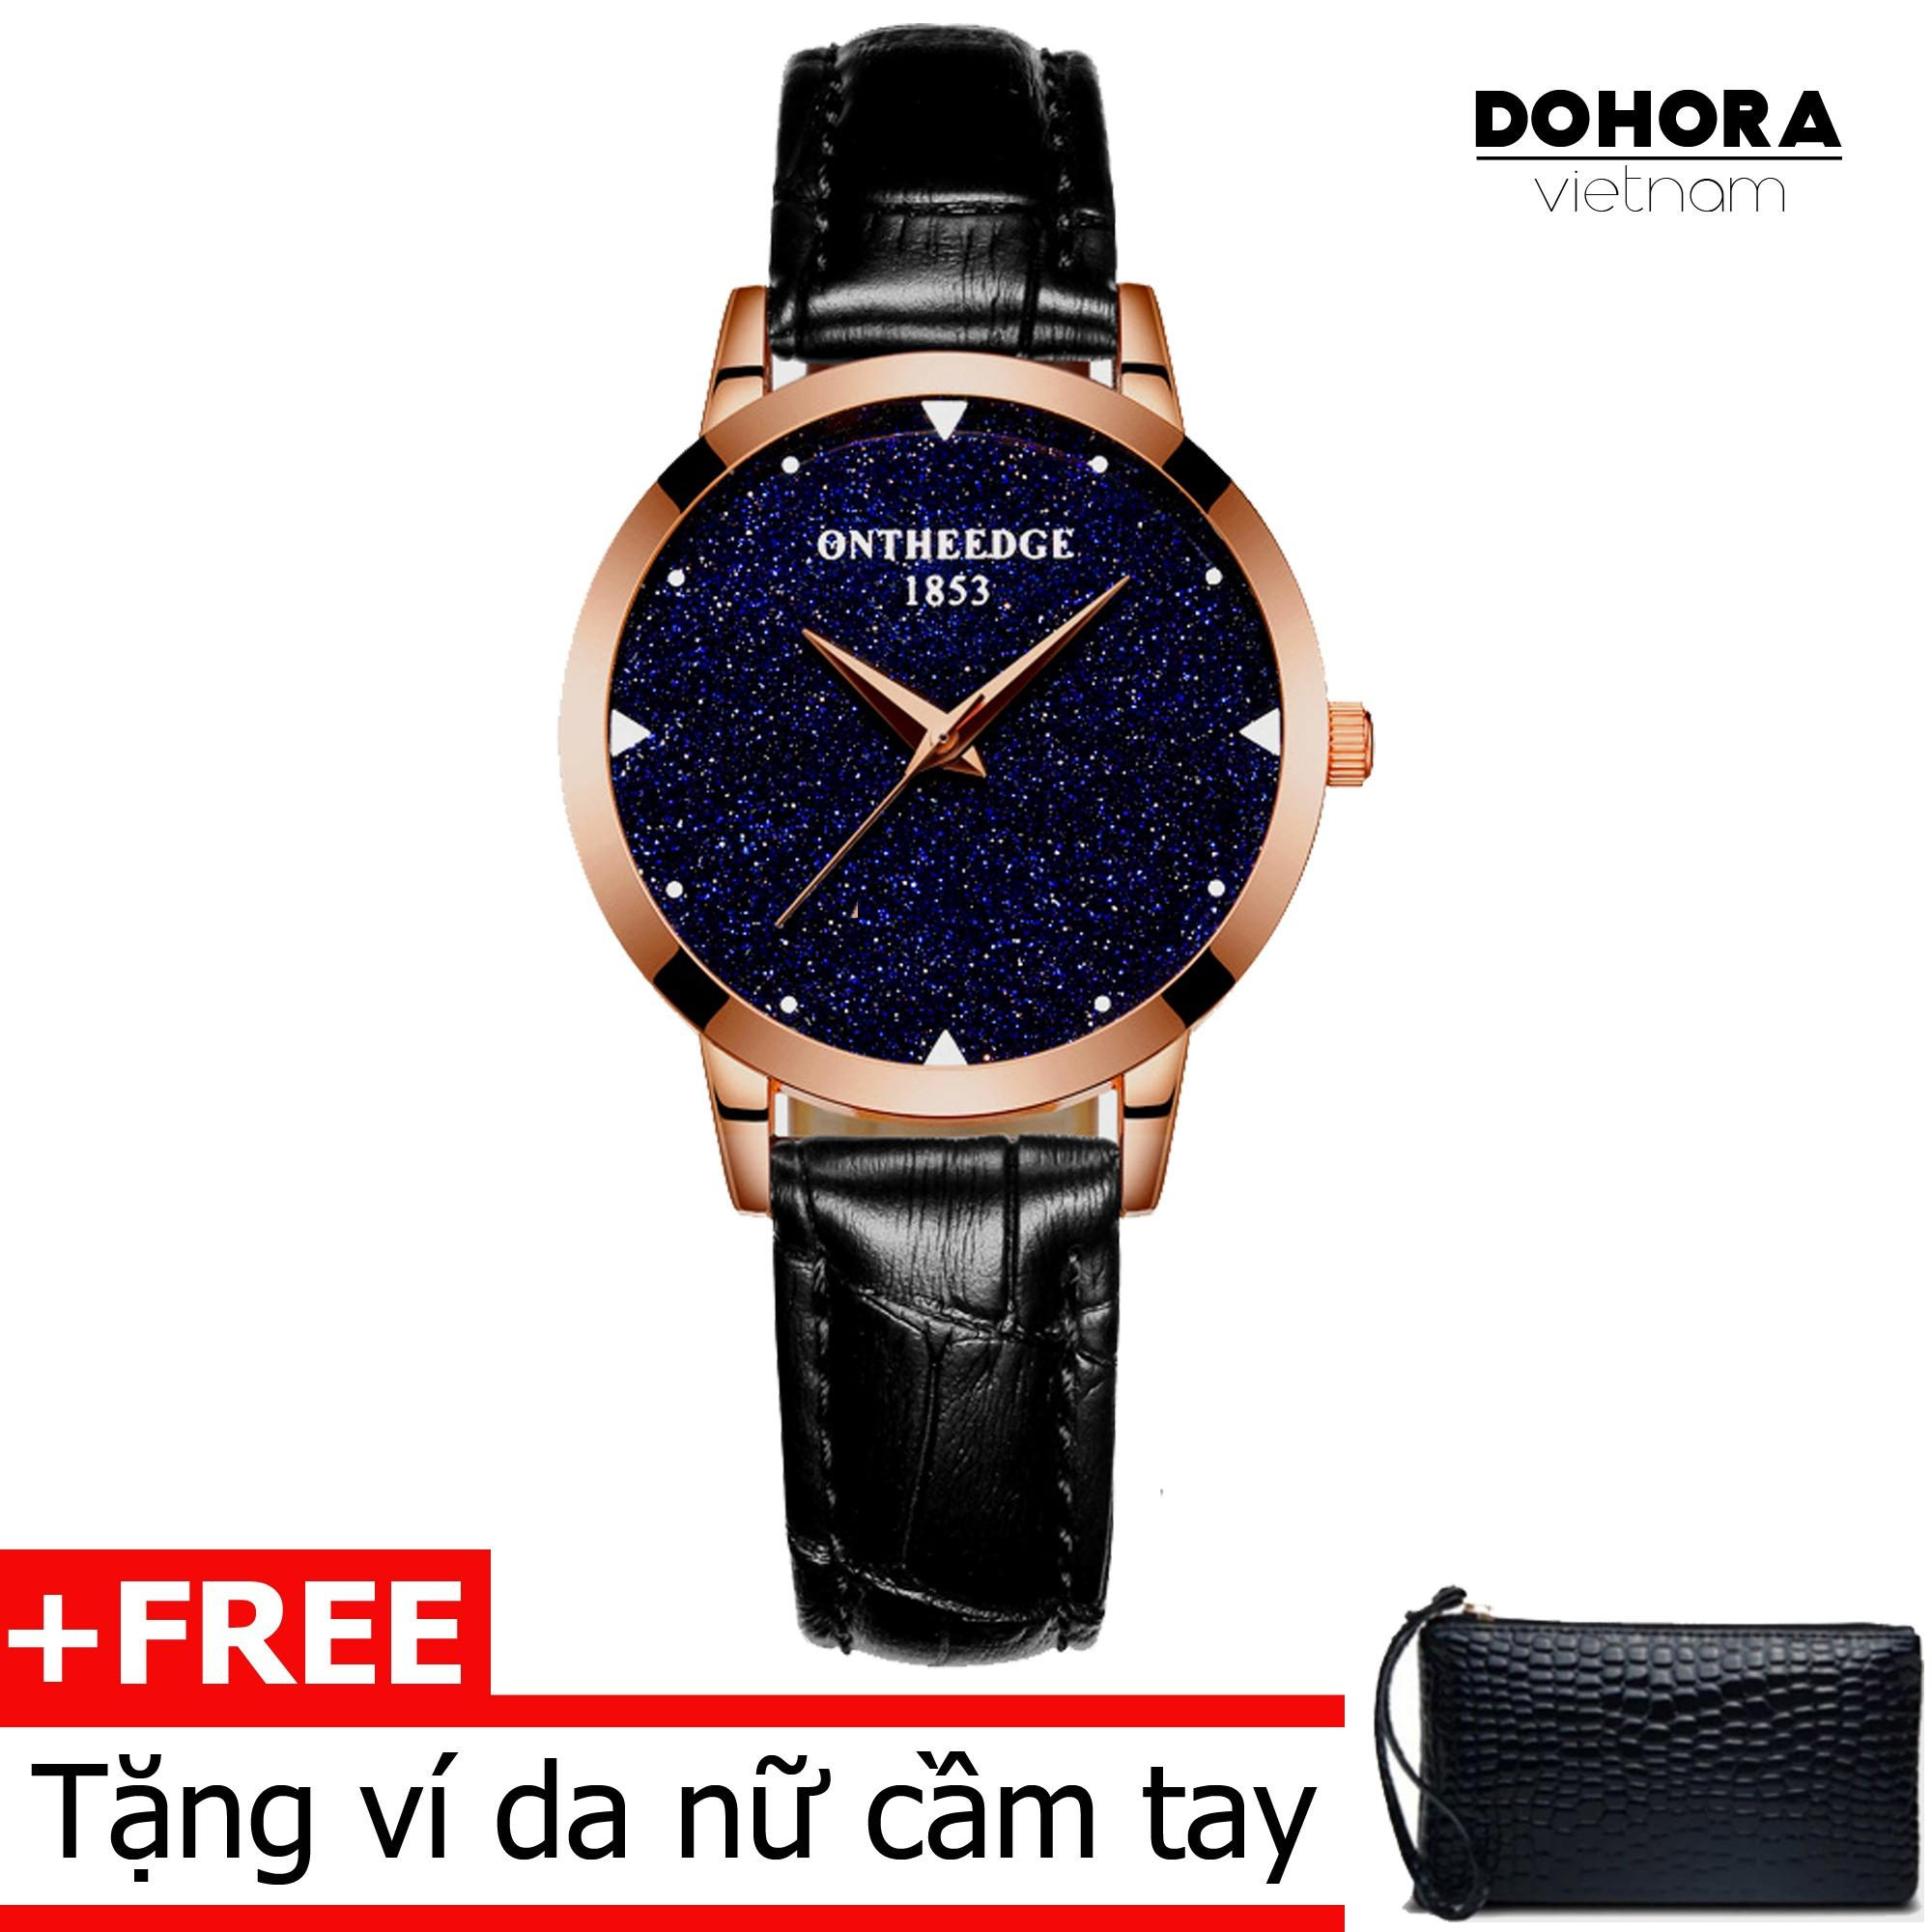 (Cập nhật 2019)Đồng hồ thời trang nữ Ontheedge DO6 dây da cao cấp cấp chống nước + Tặng kèm ví da cầm tay nữ